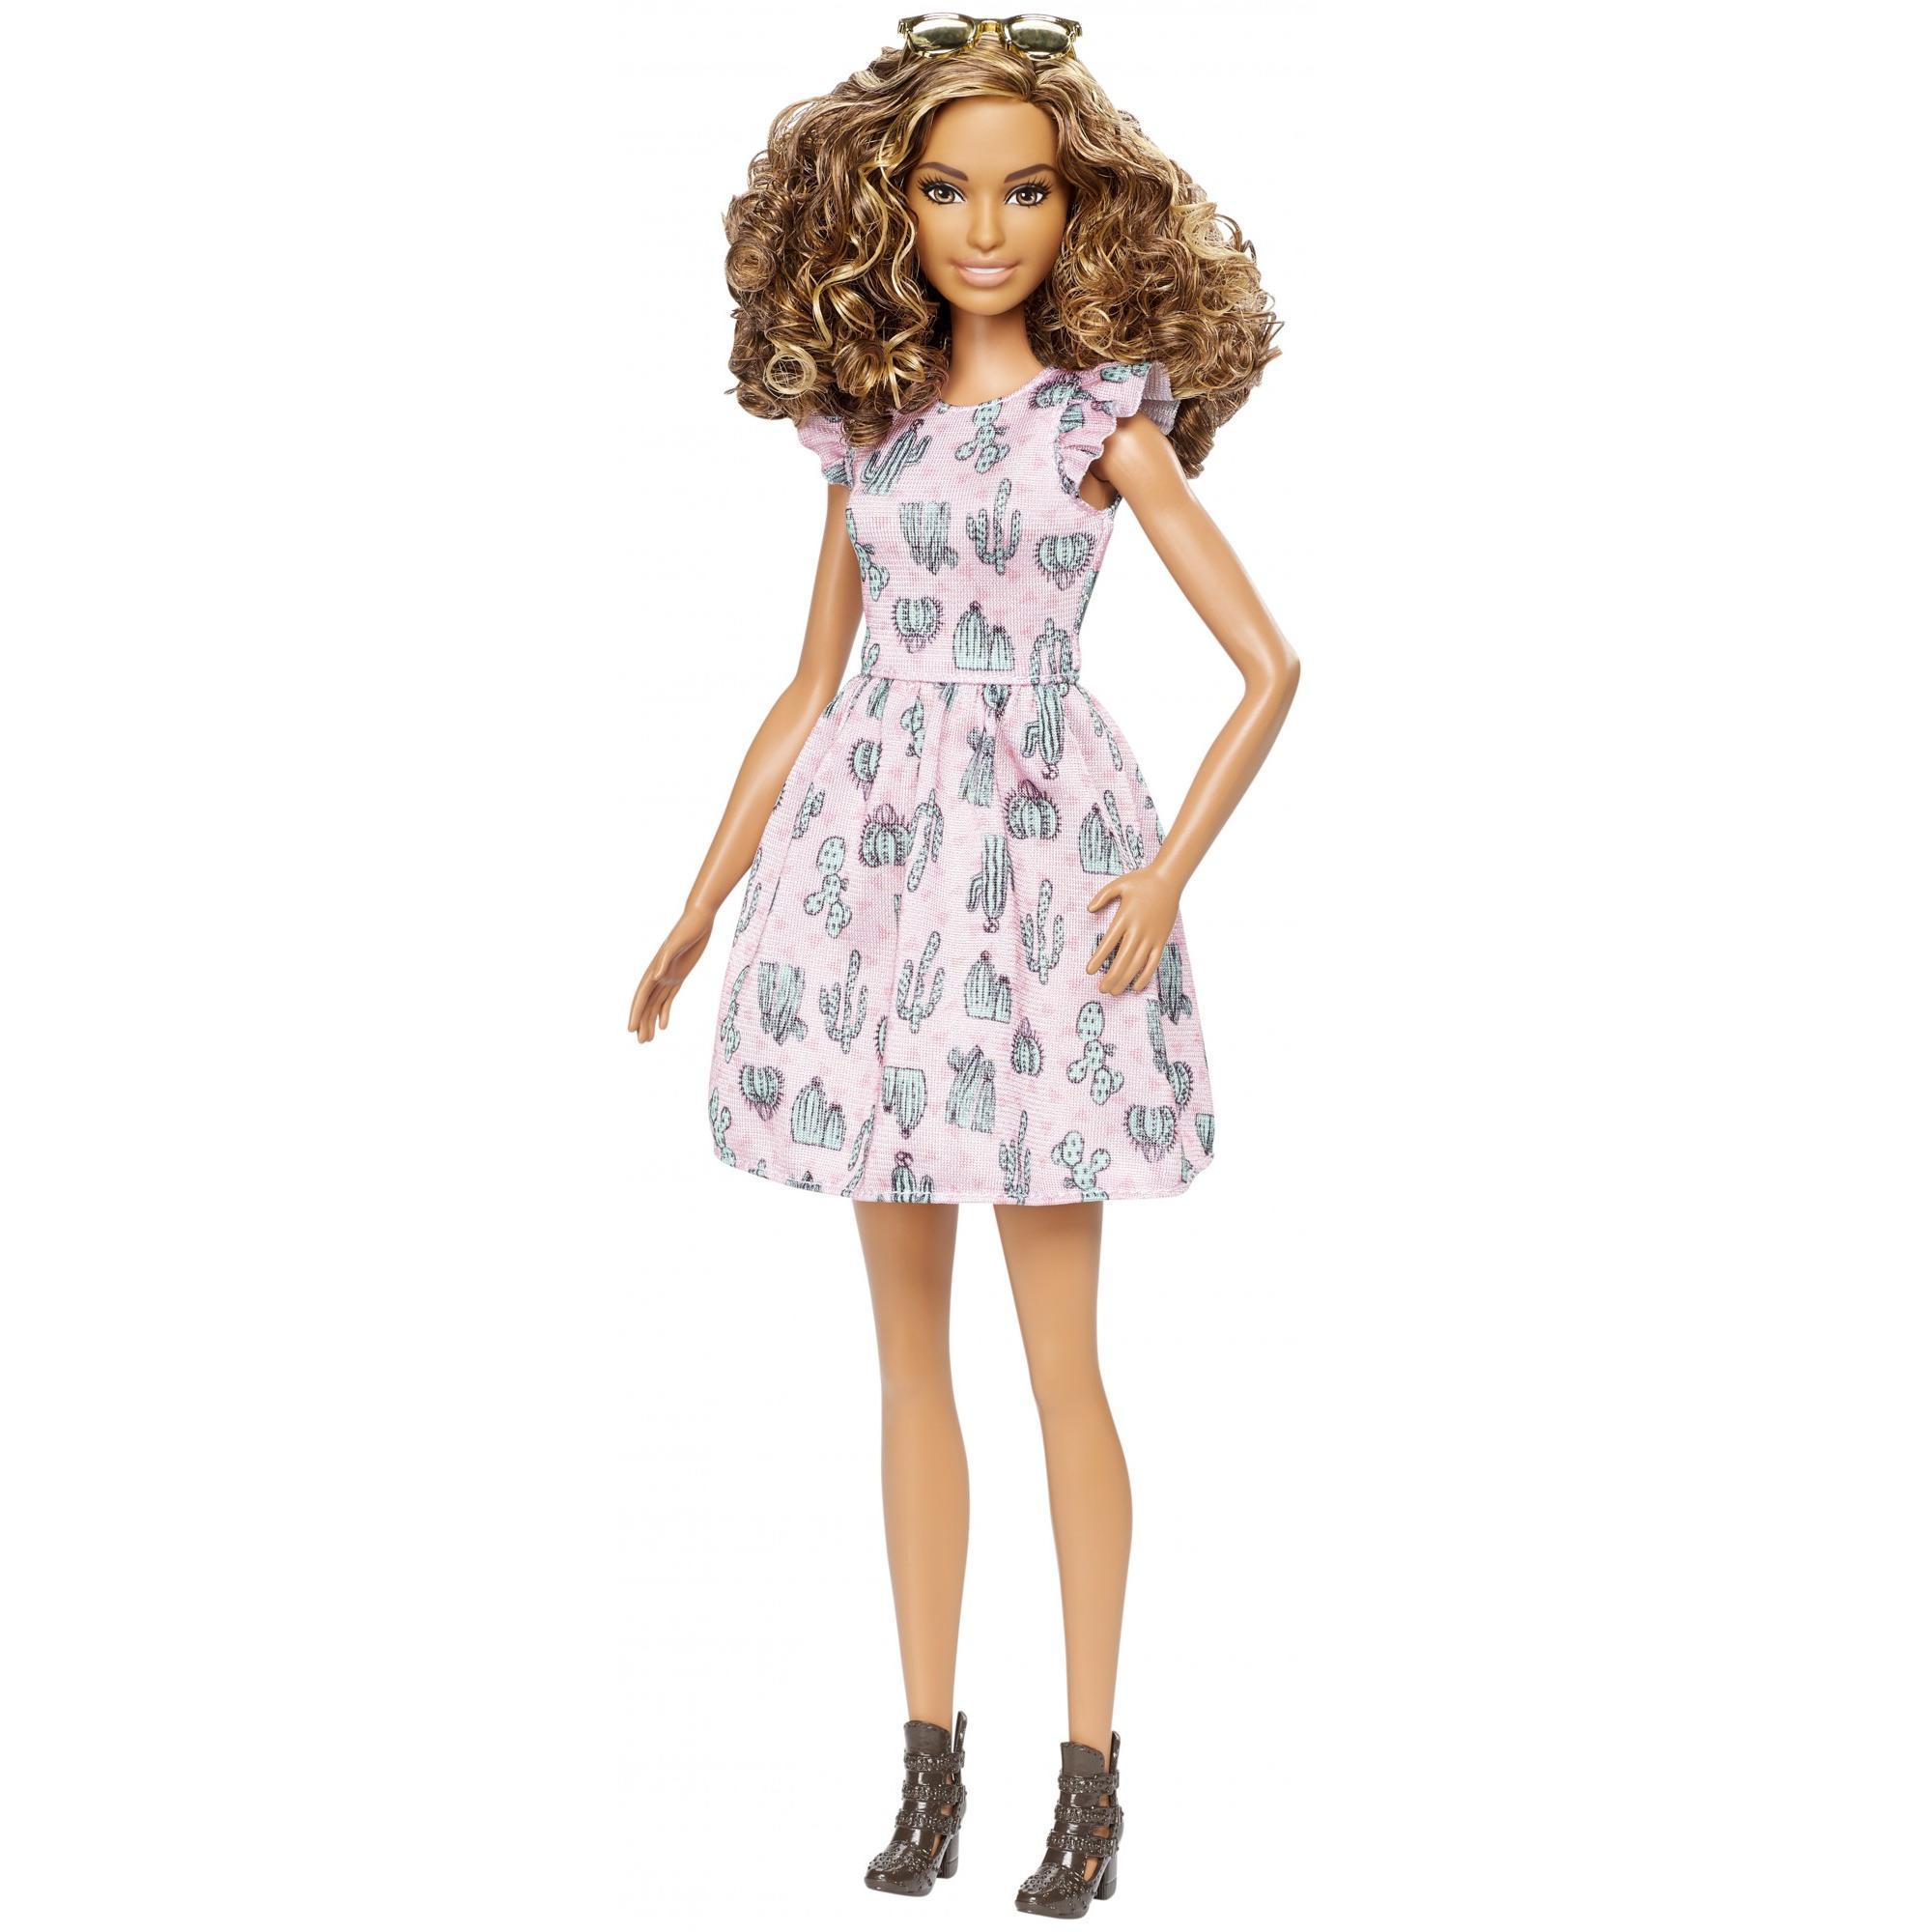 Barbie Fashionistas Doll Cactus Cutie, Tall Body Doll by Mattel